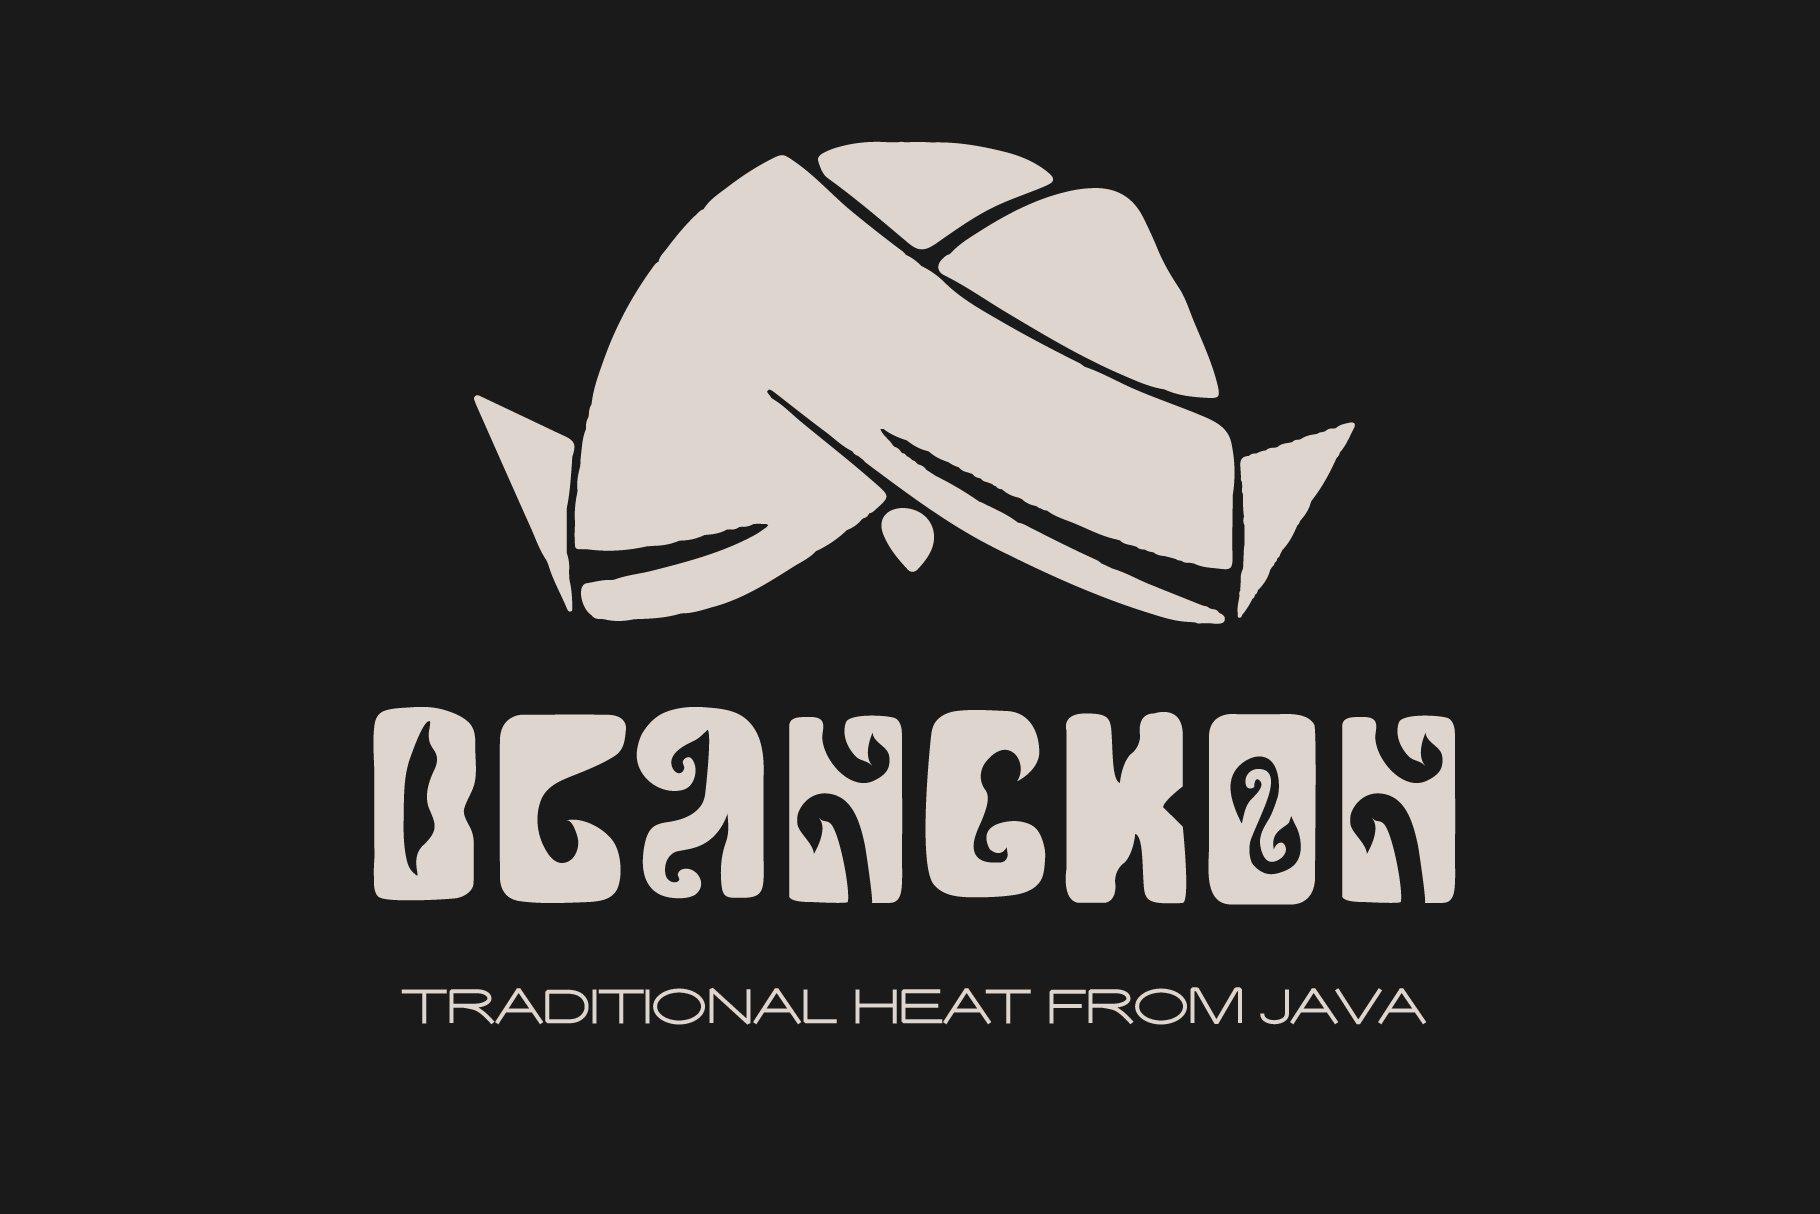 印度尼西亚风品牌徽标Logo海报标题设计手绘英文字体素材 Javanesia Font插图1